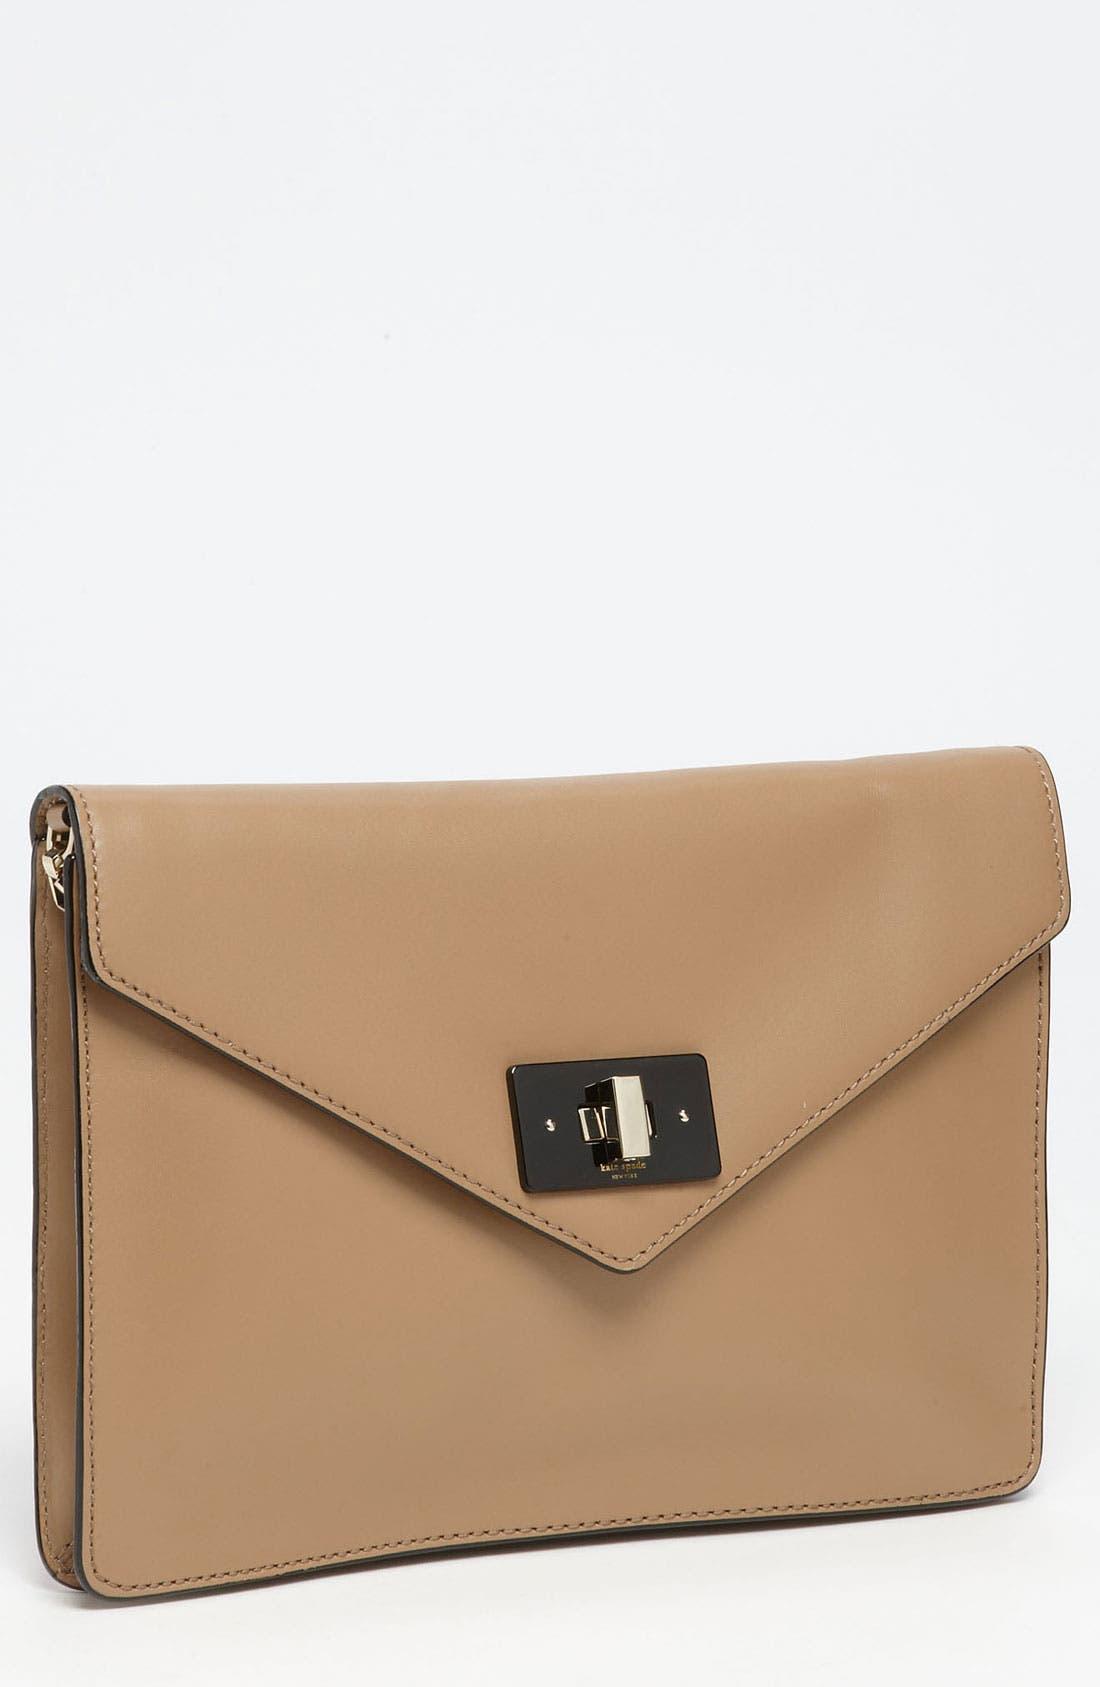 Alternate Image 1 Selected - kate spade new york 'post street - madison' shoulder bag